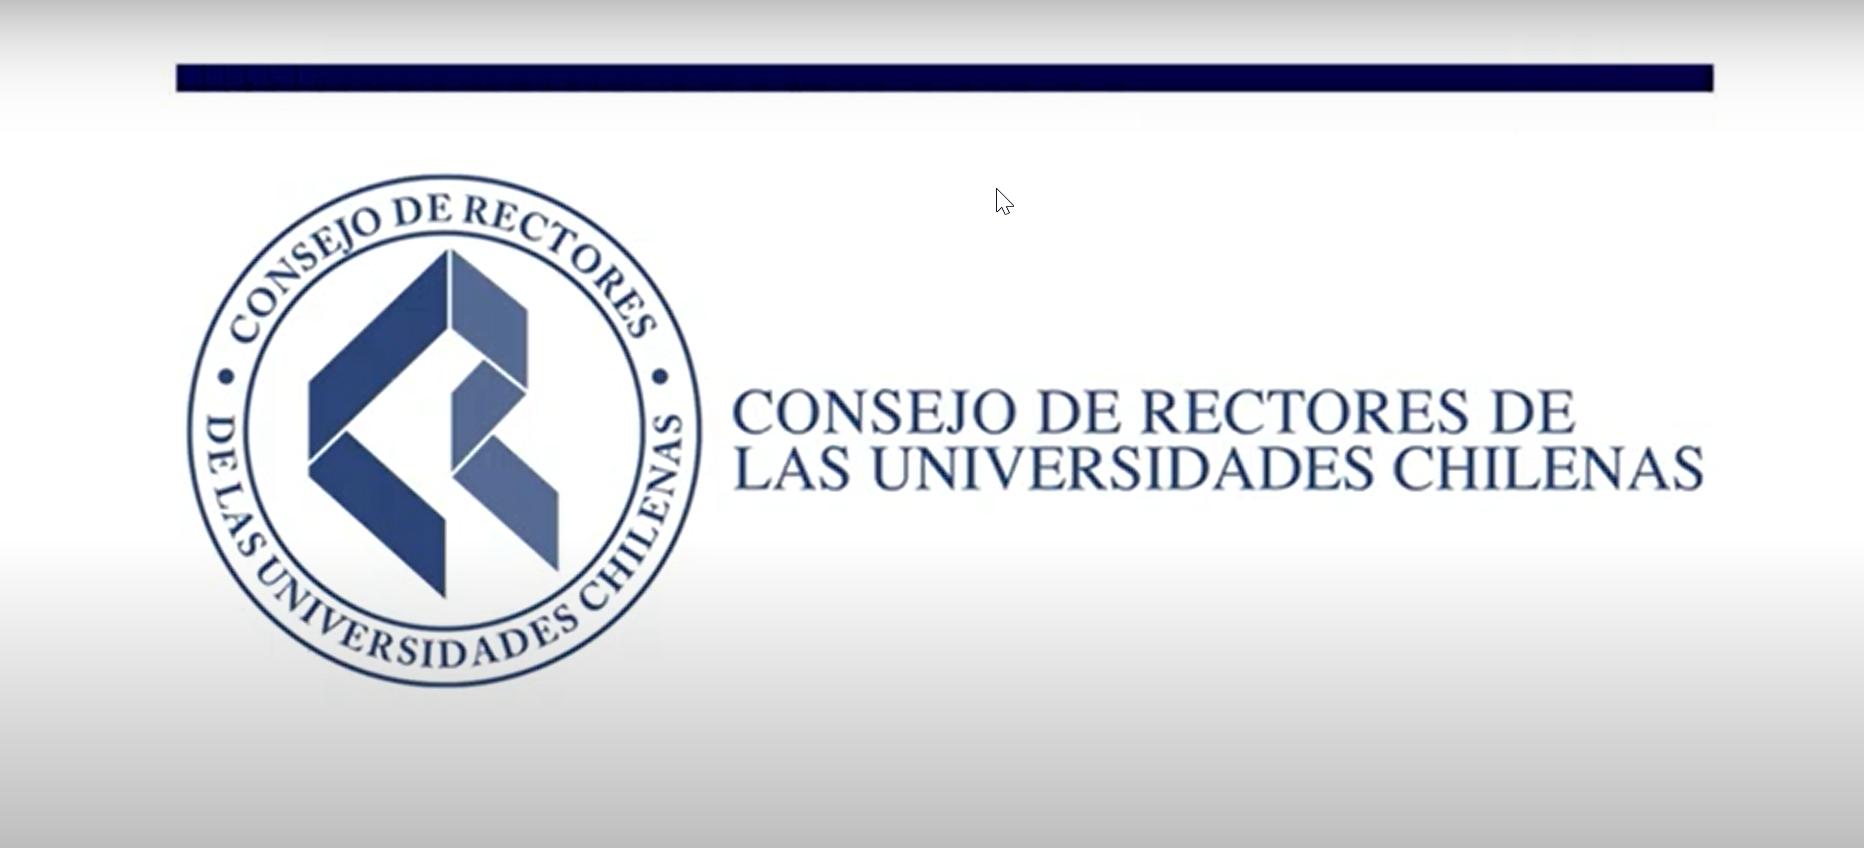 """Rector Juan Manuel Zolezzi: """"Es desafortunado y poco respetuoso que el ministro de Educación califique de artificial el conflicto con el Consejo de Rectores"""""""